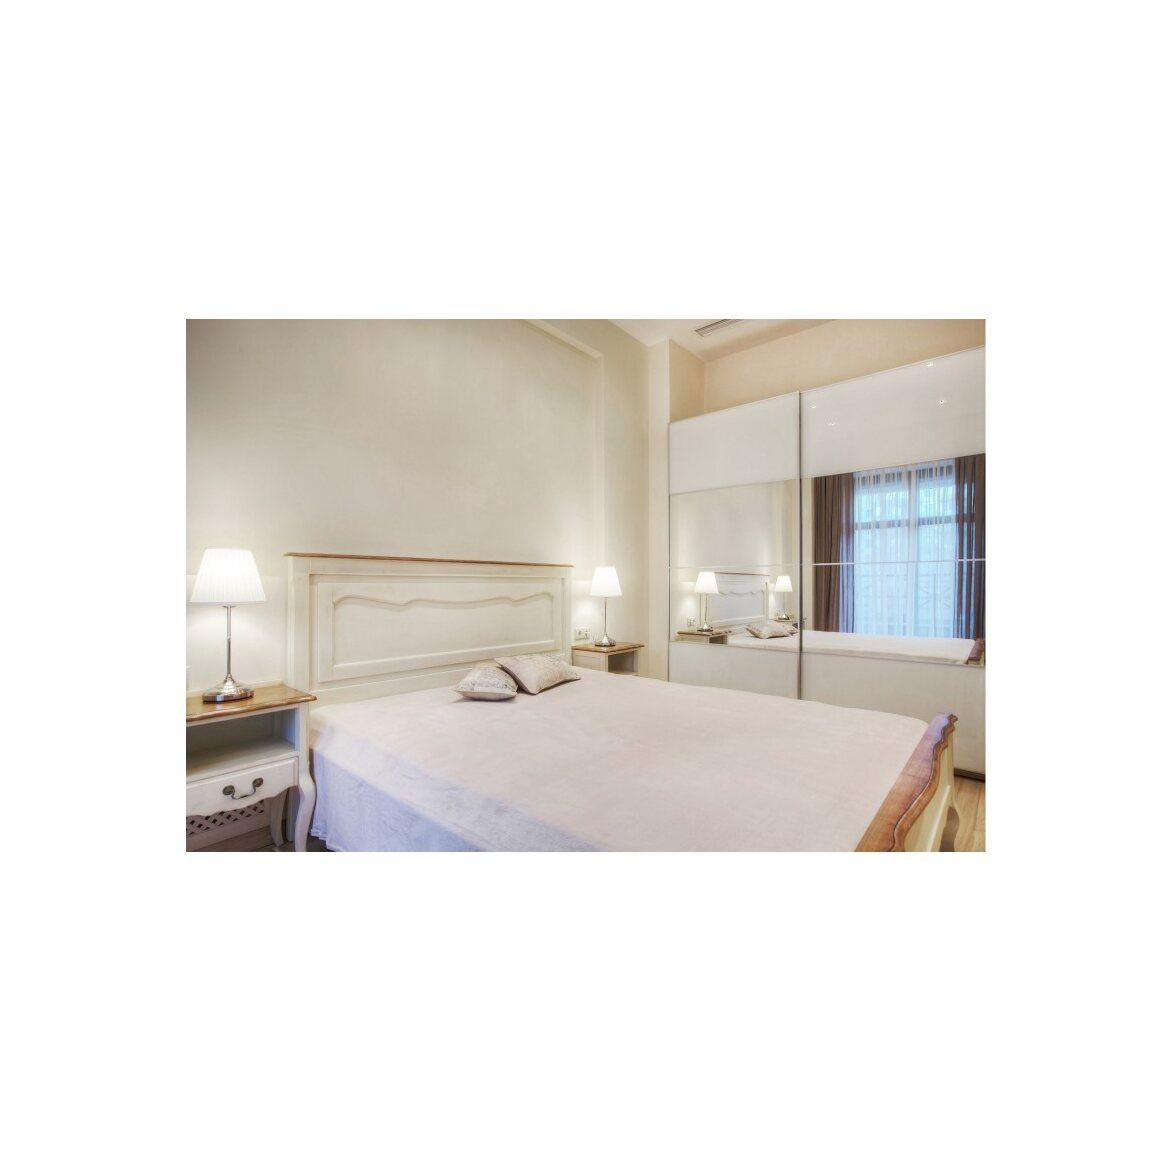 Кровать односпальная 120*200 Leontina, бежевого цвета 5 | Односпальные кровати Kingsby